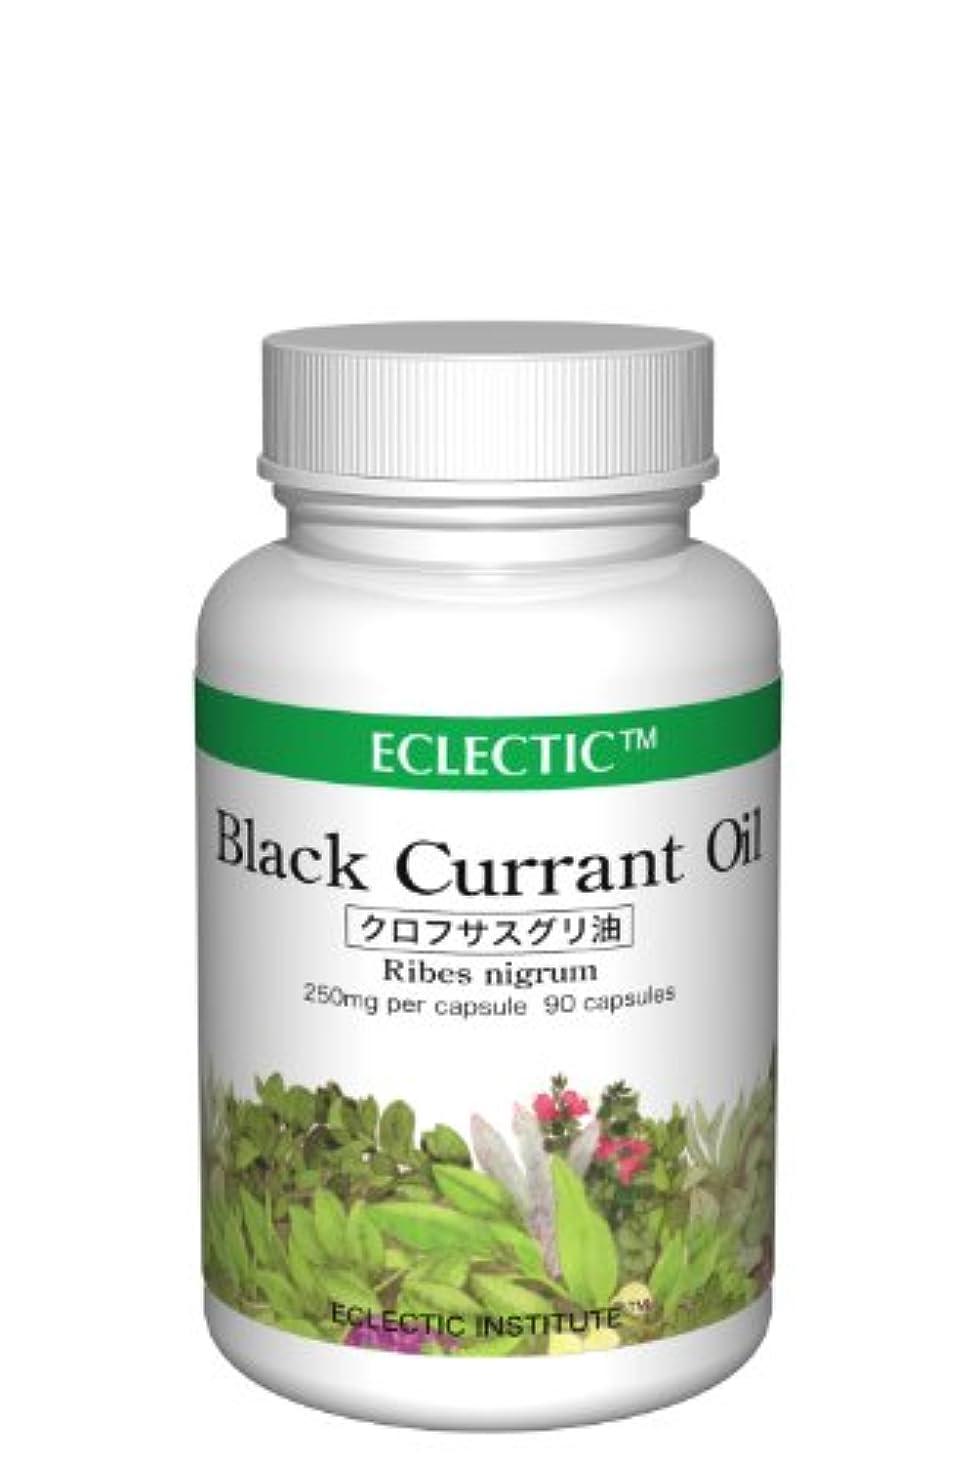 ヒープ収束する軽蔑ECLECTIC エクレクティック クロフサスグリ油 Black Currant Oil オイル 250mg 90カプセル 新パッケージ